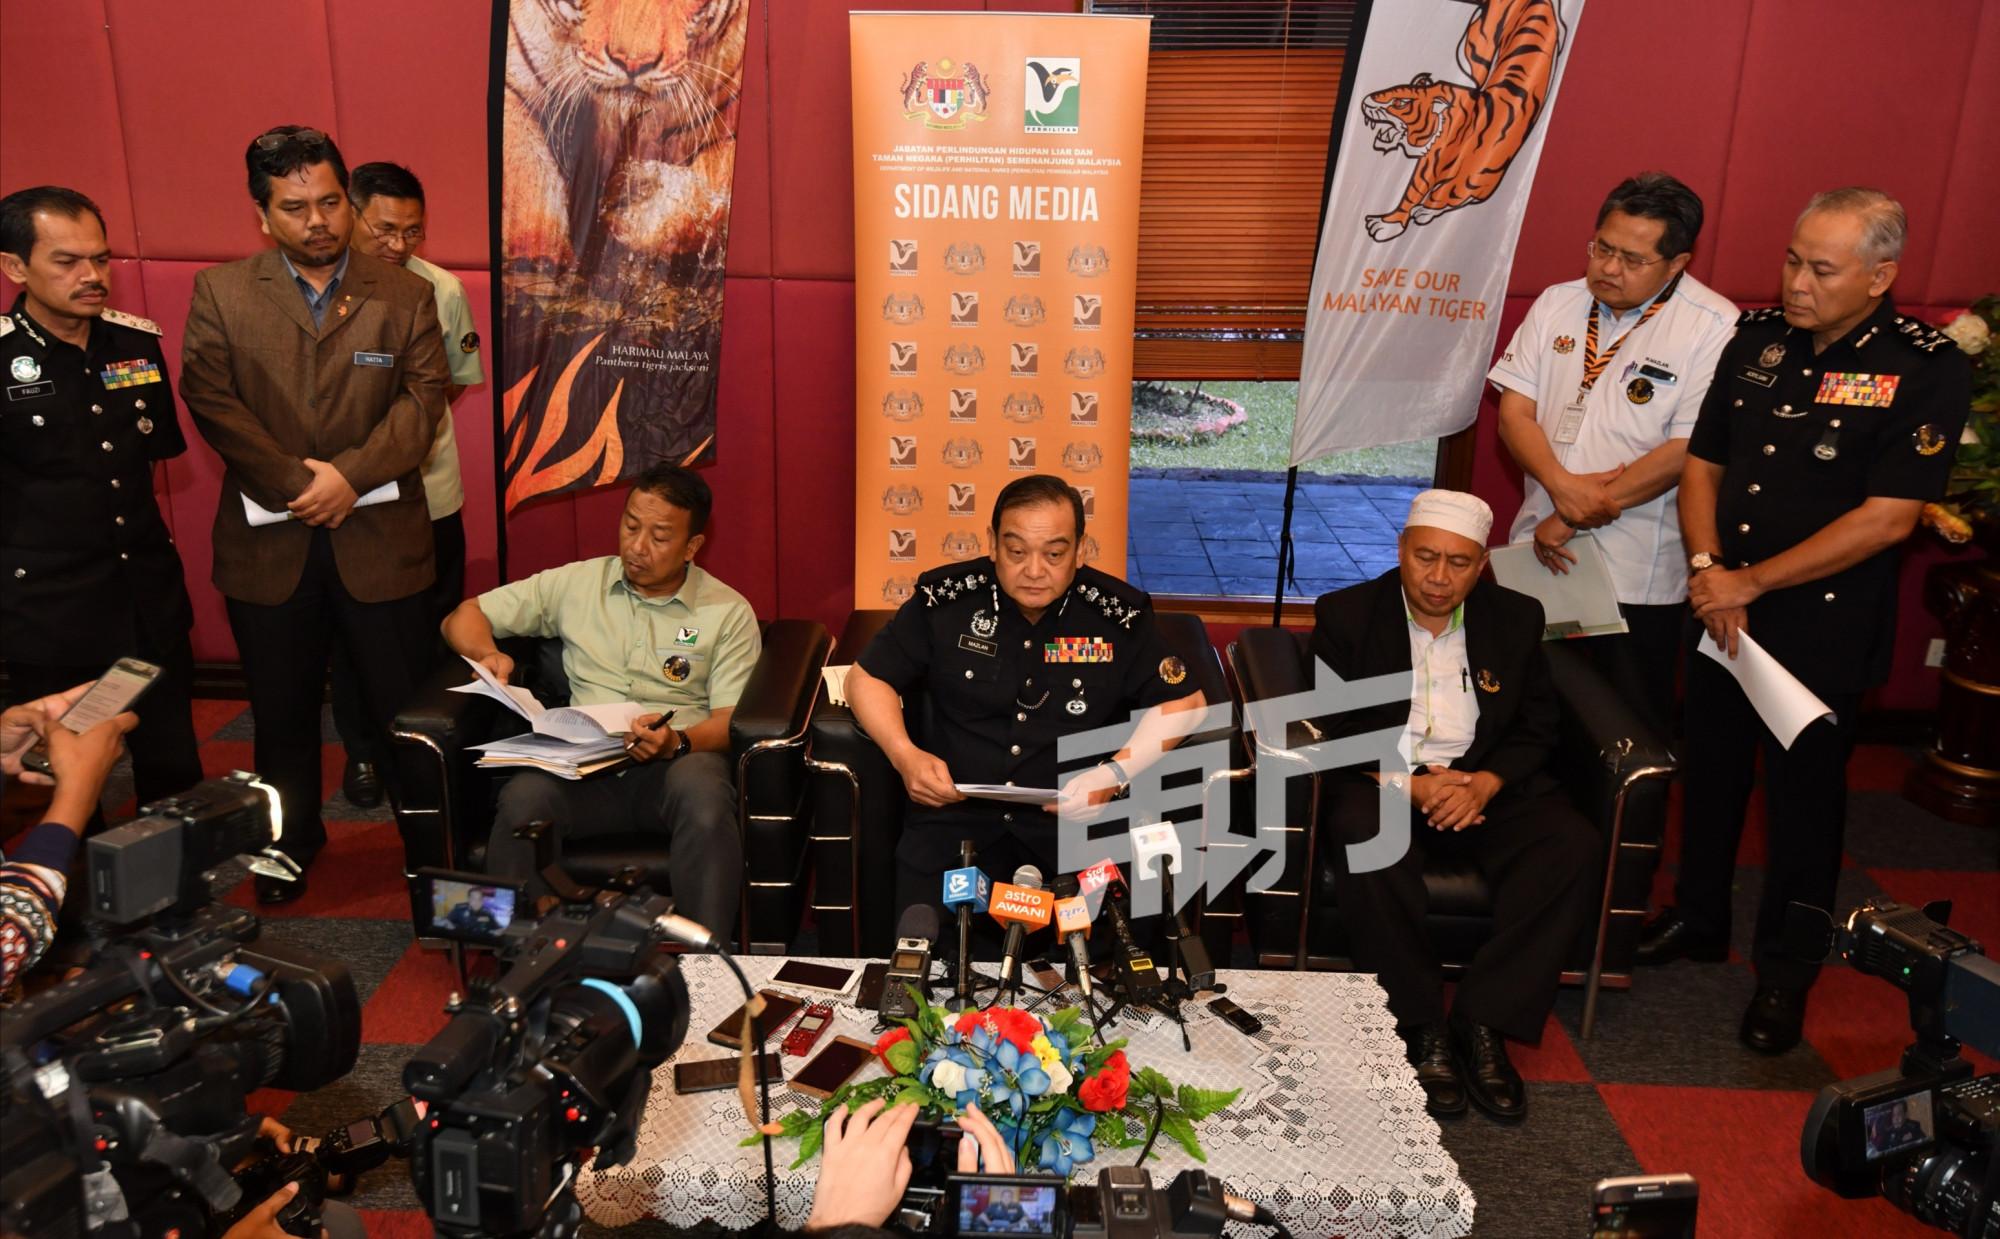 警捕4本地非法捕猎者 充公24万现款